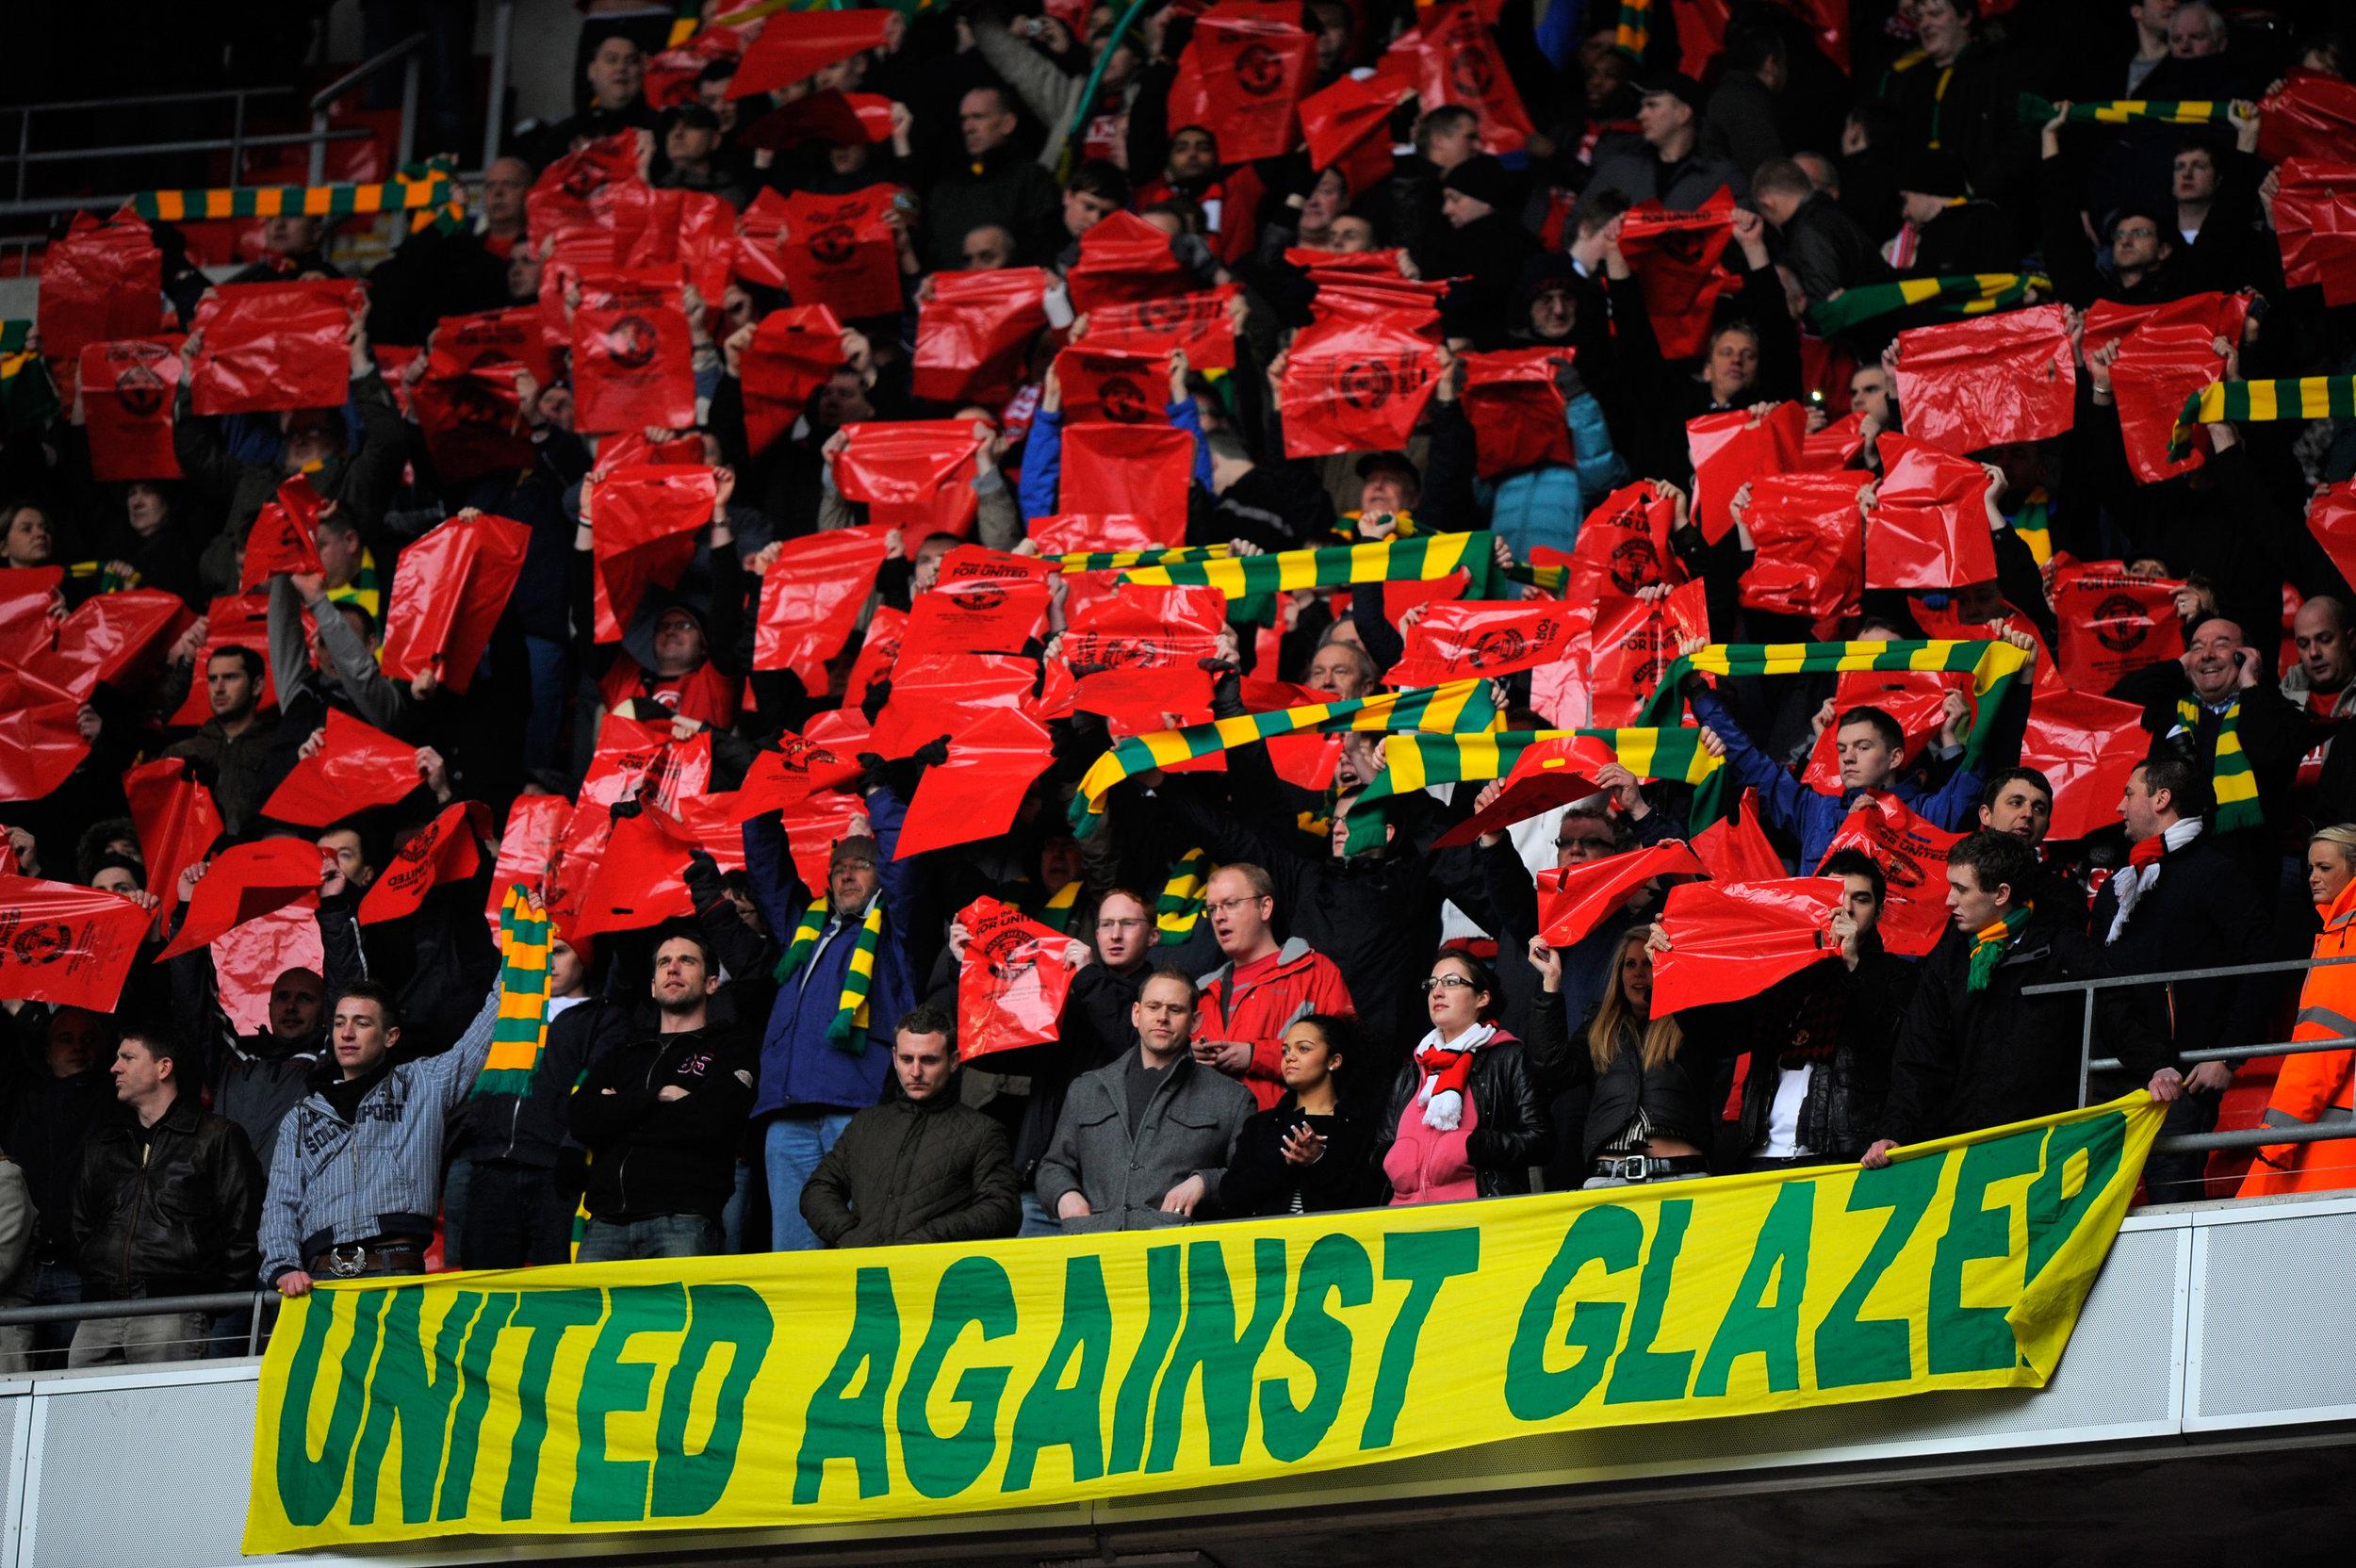 United-tilhængere har flere gange vist deres utilfredshed med Malcolm Glazer.   Foto: Getty Images